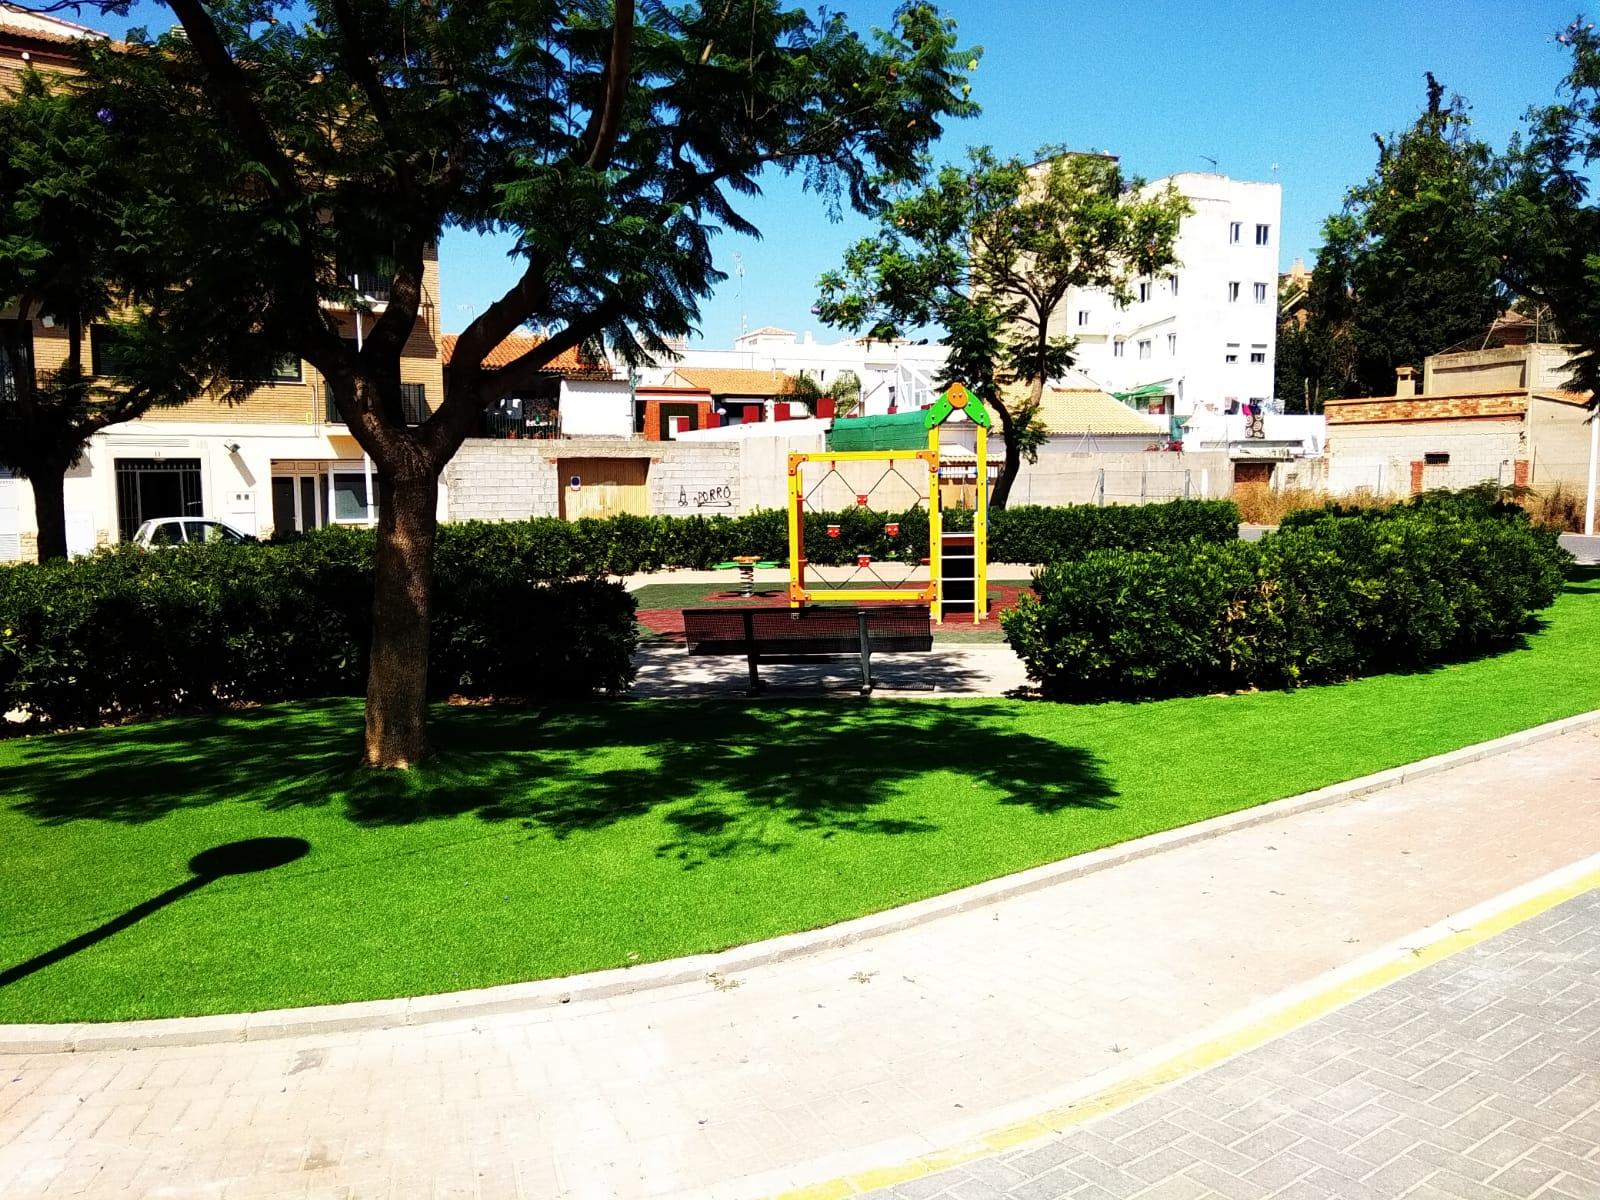 Juegos infantiles, suelo y césped en Montserrat